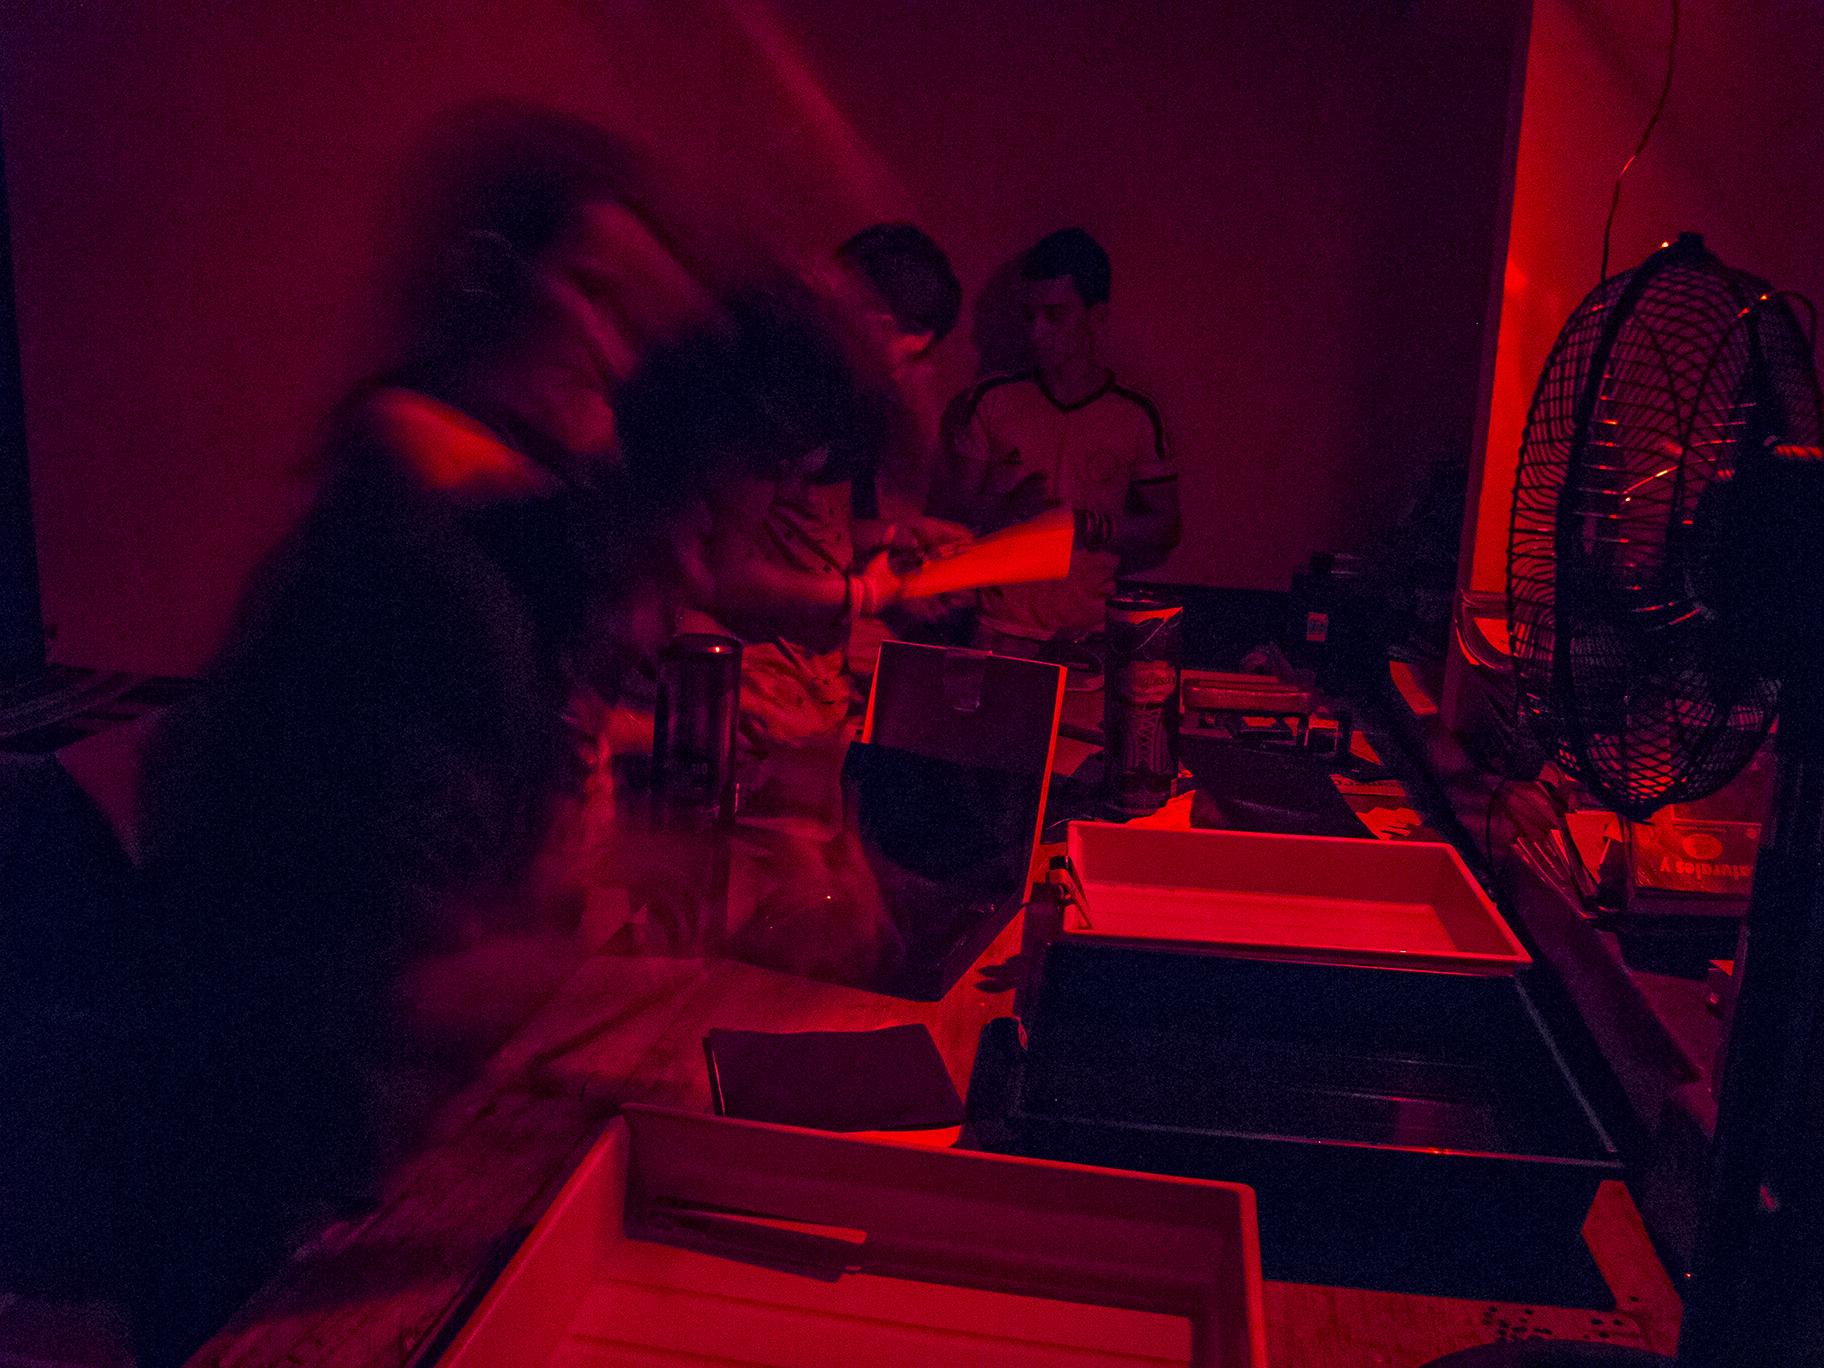 cuarto oscuro 002_9.jpg